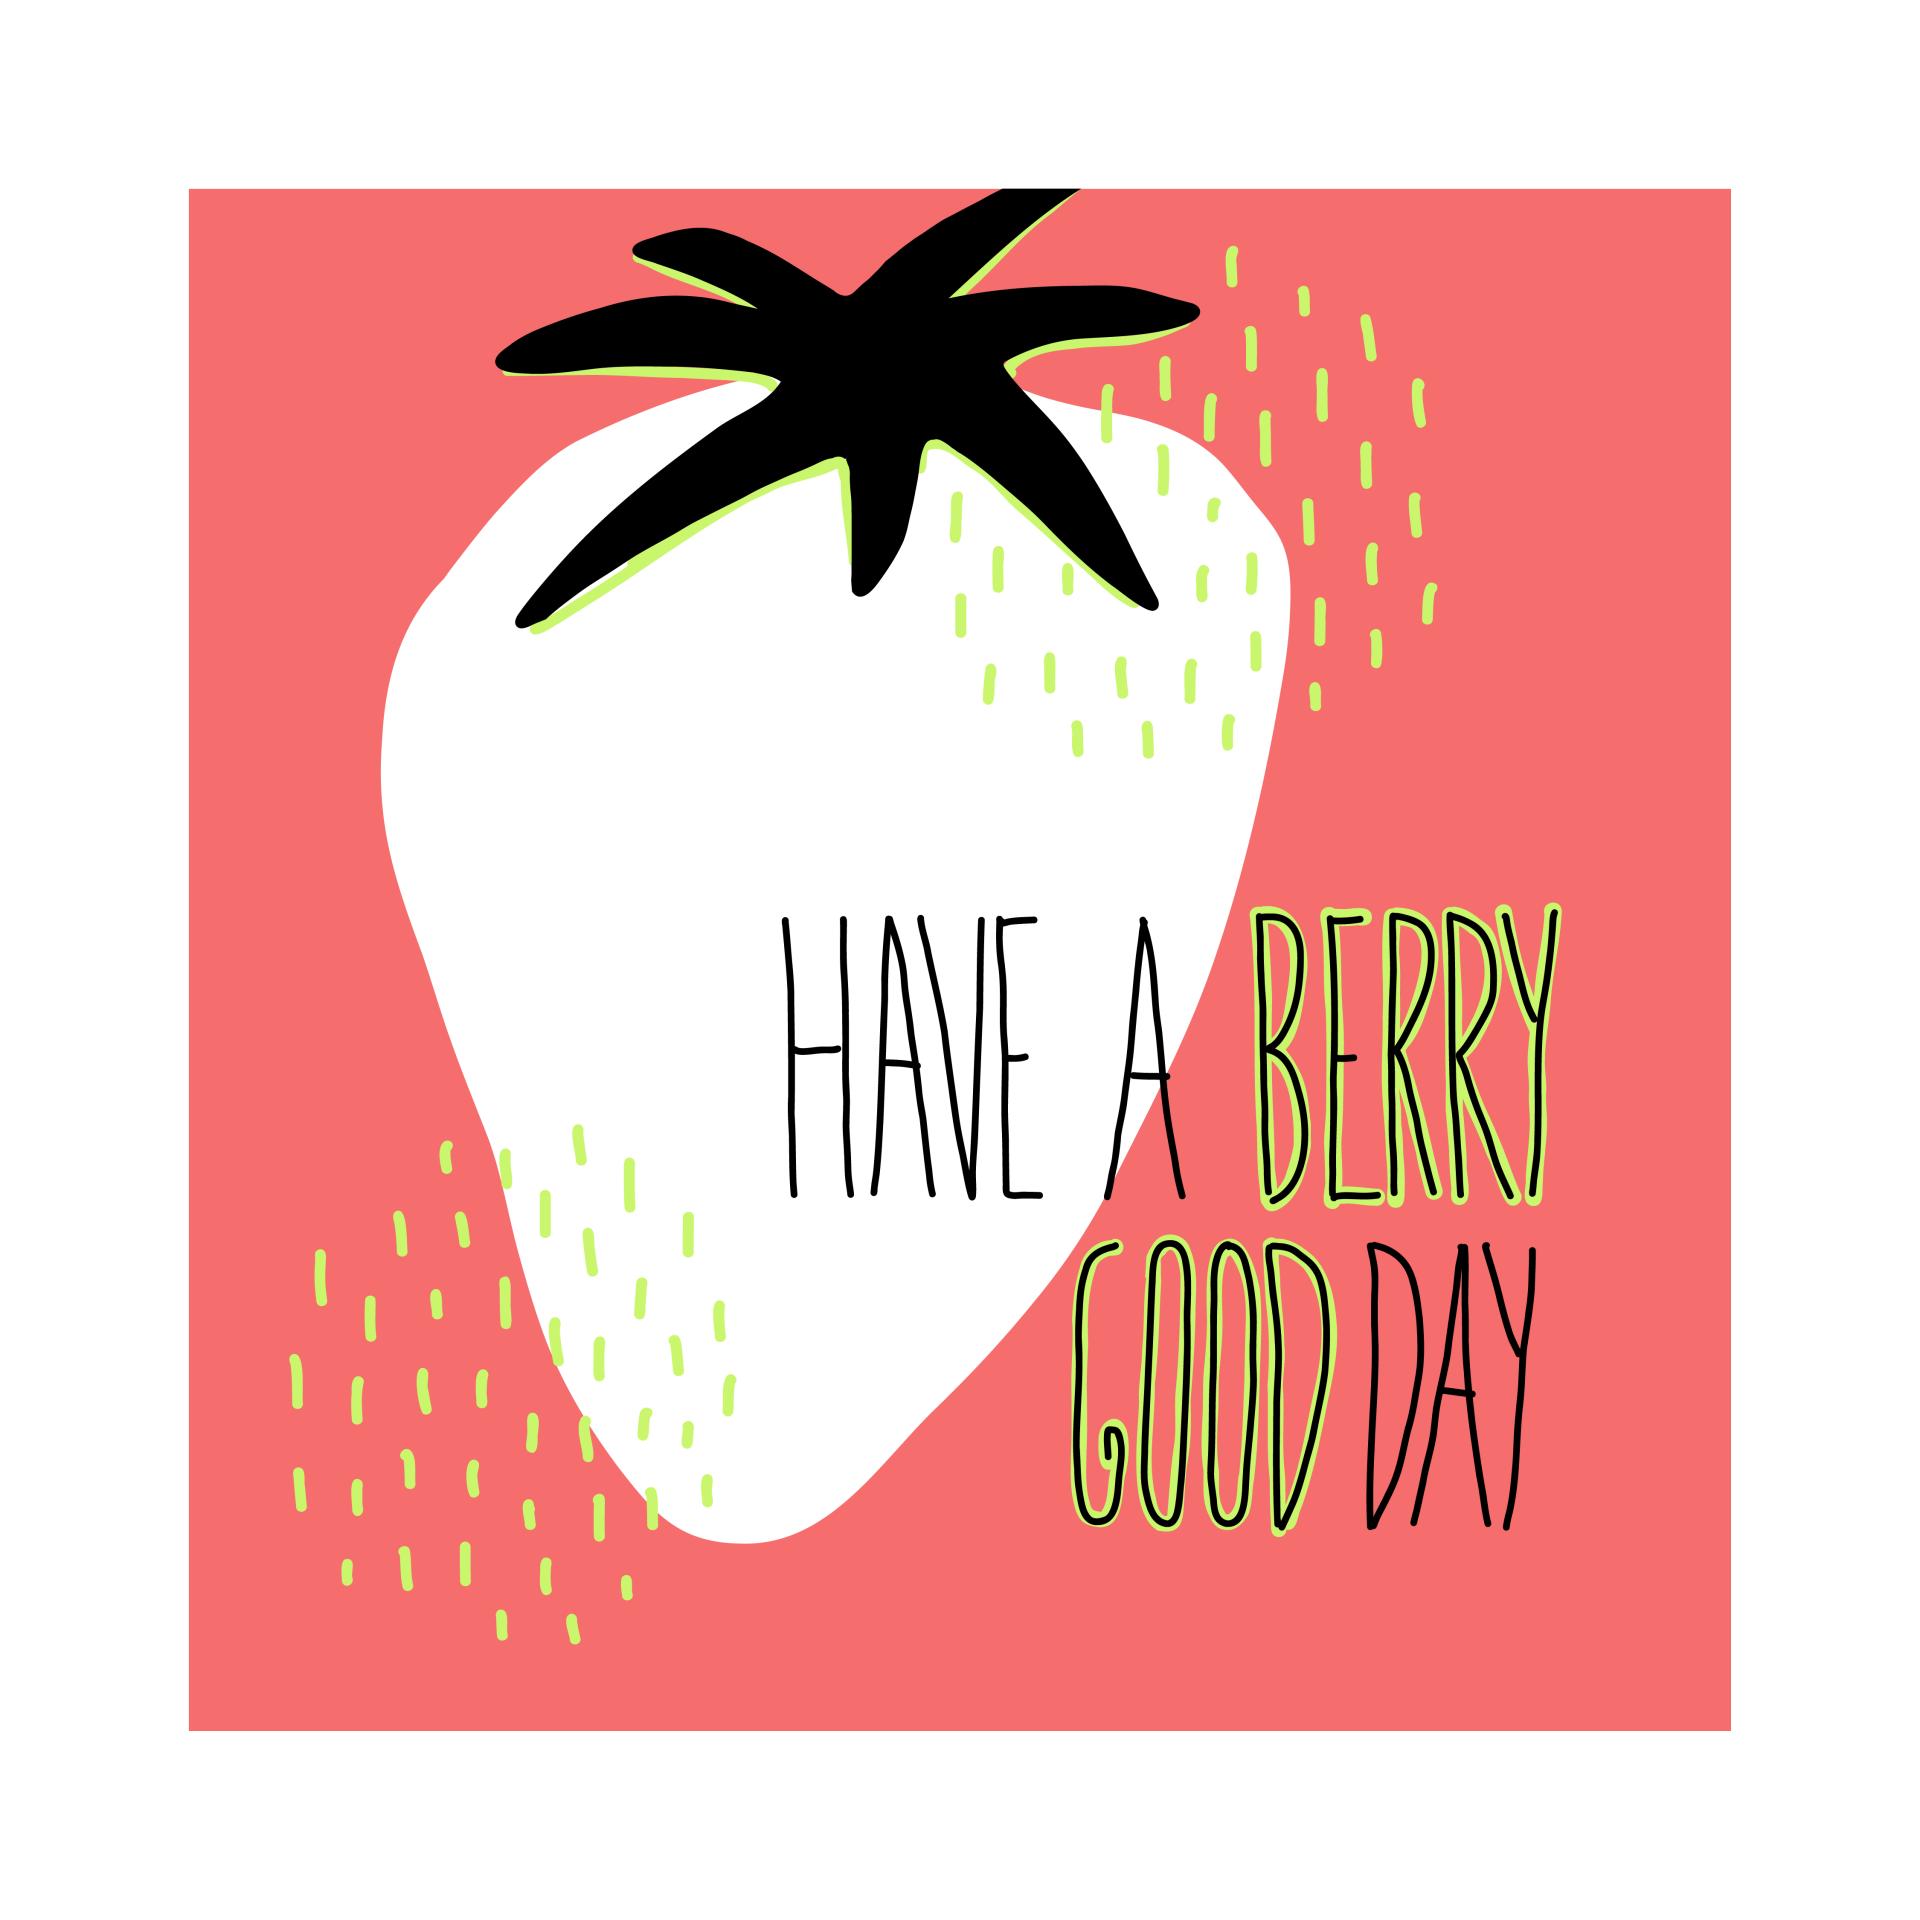 """illustration. hintergrund rot. eine weiße erdbeere ohne kerne mit schwarzen blättern, die schatten sind strahlend grün. zwei grafikelemente mit vielen kleinen strichen sind links unten & rechts oben gesetzt. rechts steht """"have a berry good day"""""""